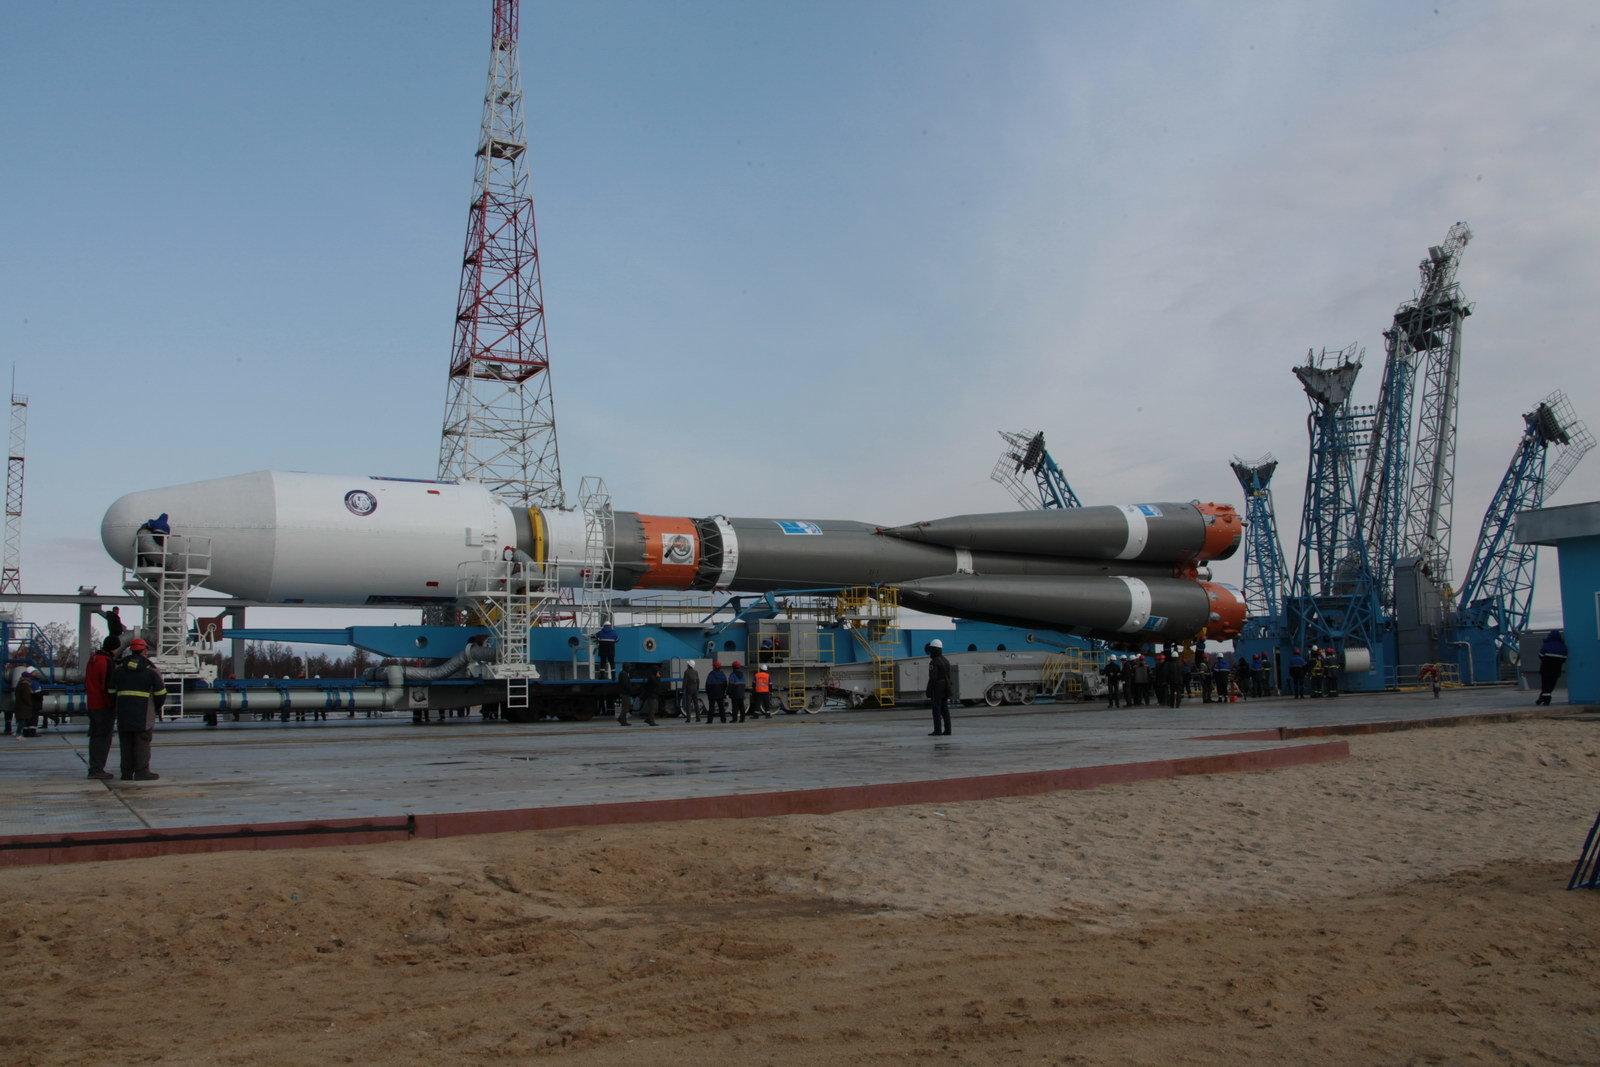 На космодроме Восточный установили ракету-носитель «Союз 2.1а» для первого запуска - 8